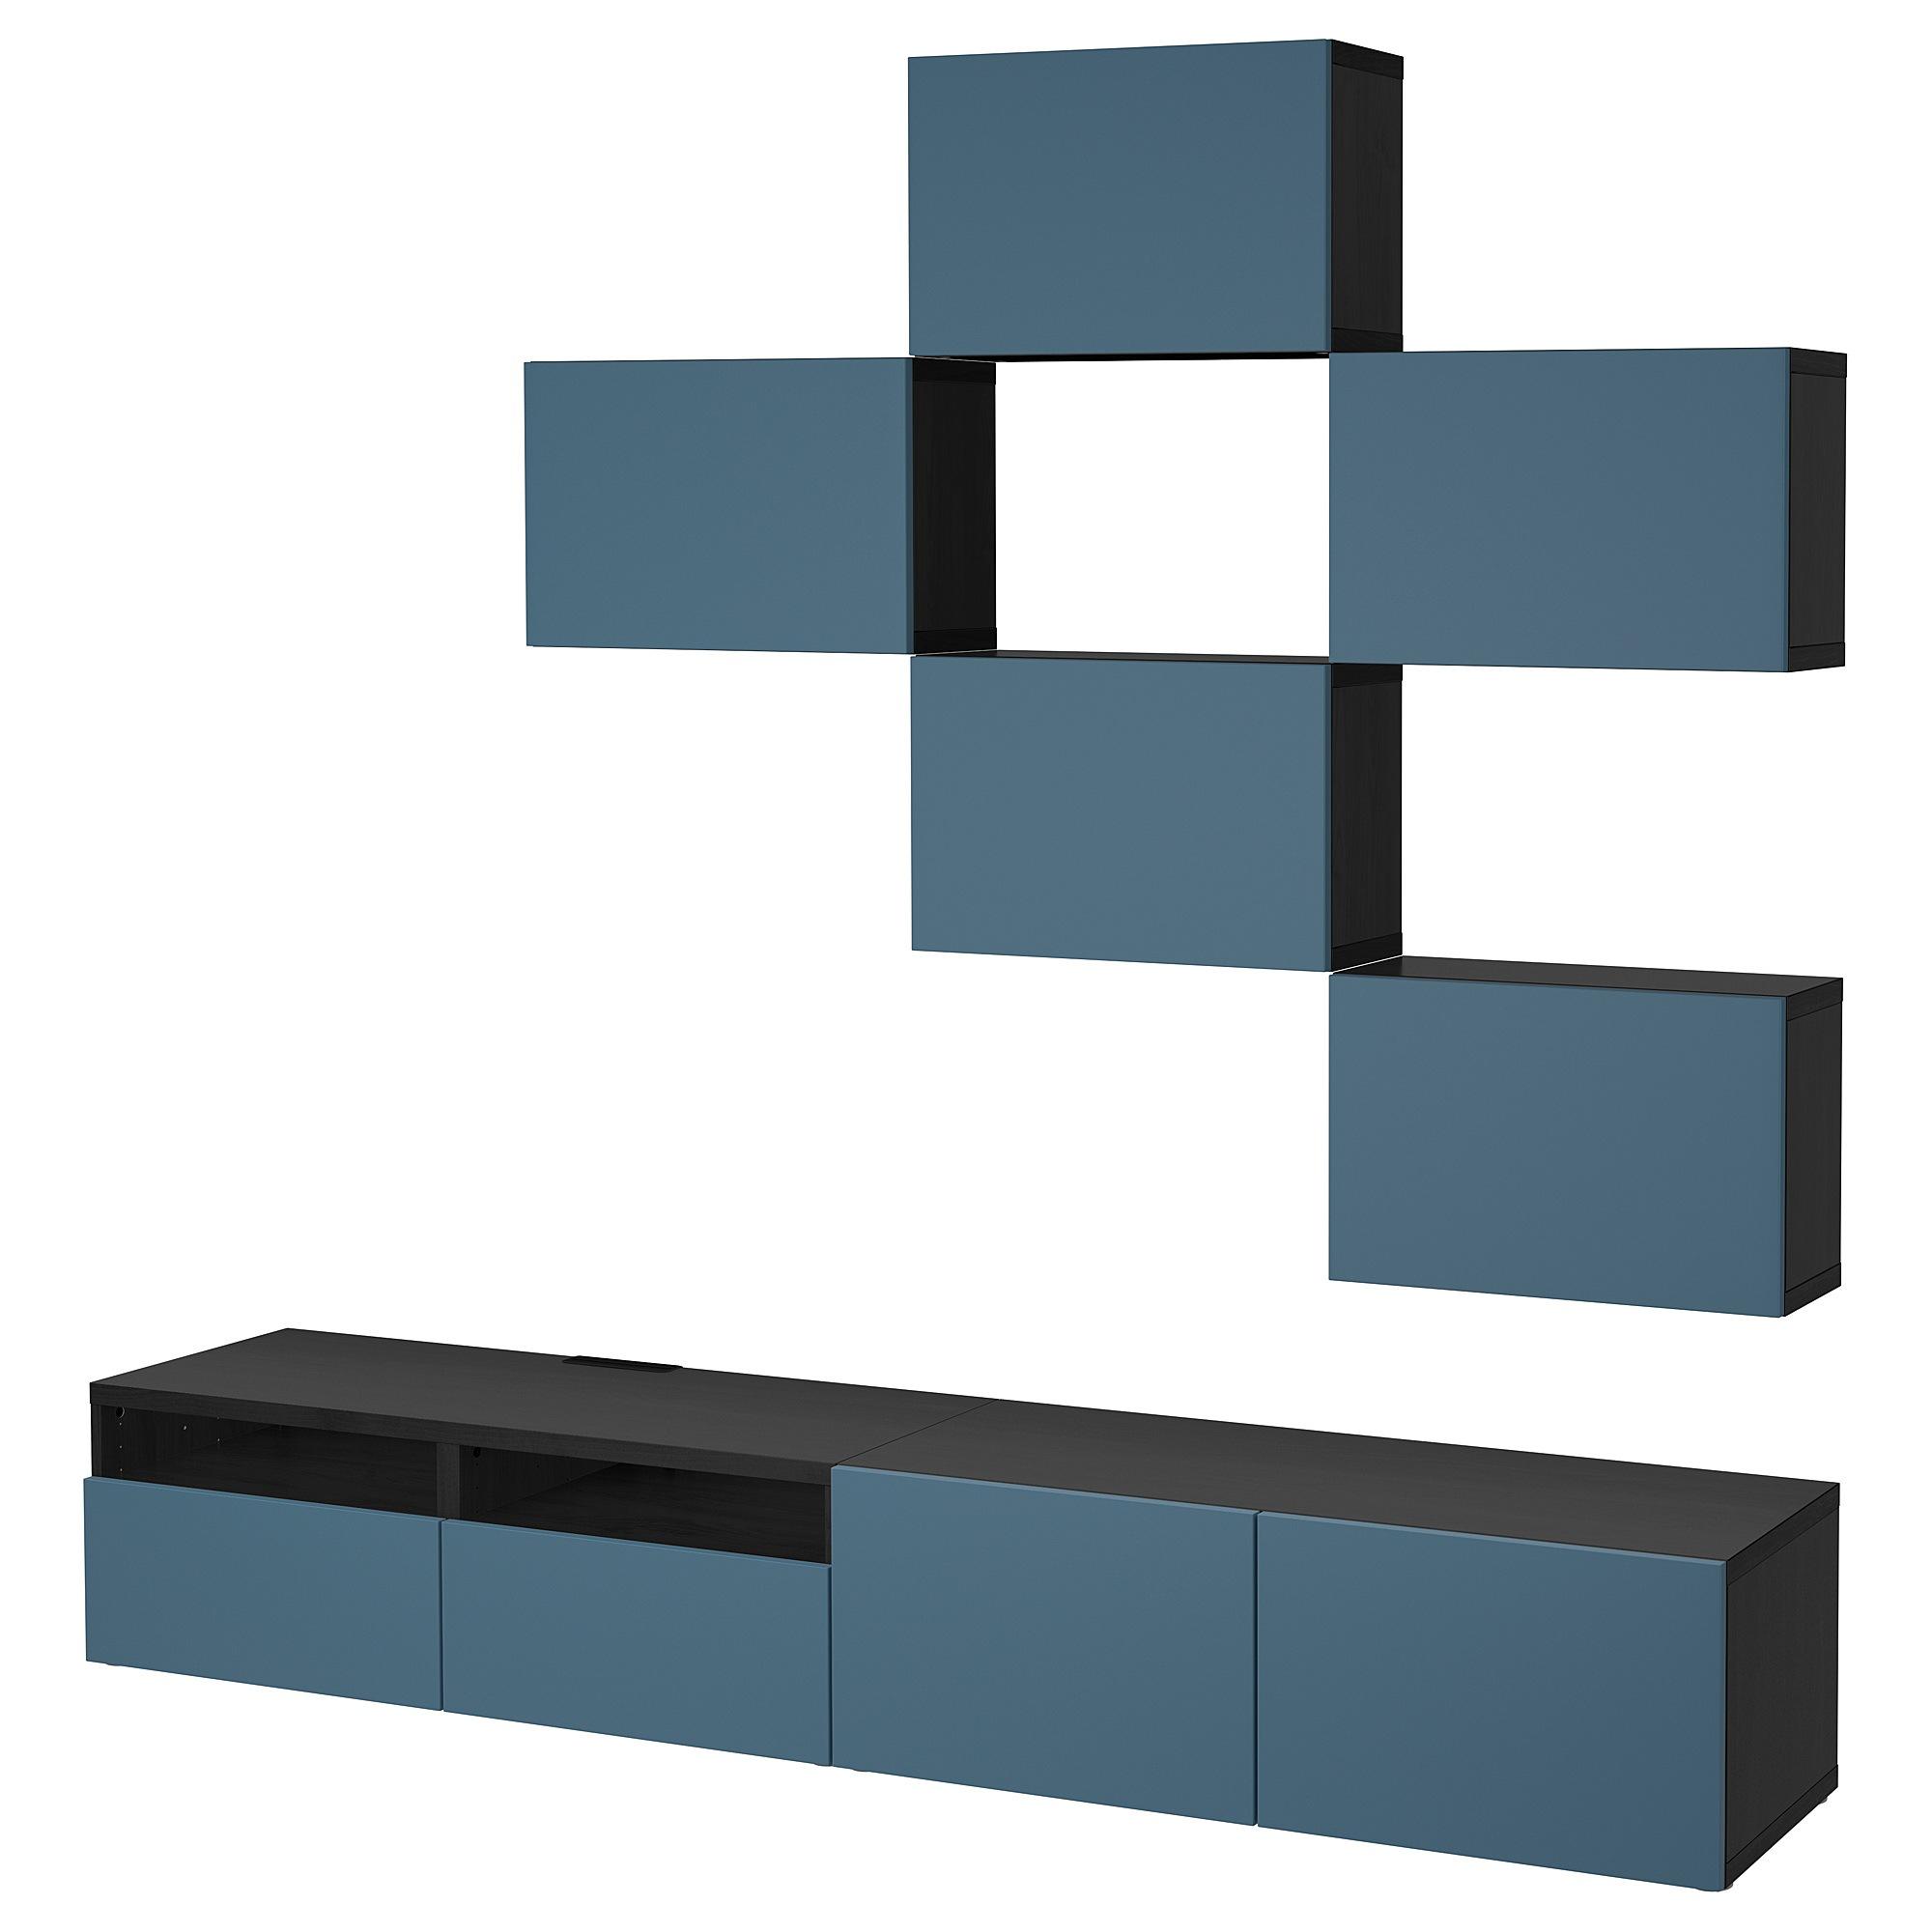 Шкаф для ТВ, комбинация БЕСТО темно-синий артикуль № 092.516.78 в наличии. Online сайт IKEA Беларусь. Быстрая доставка и соборка.